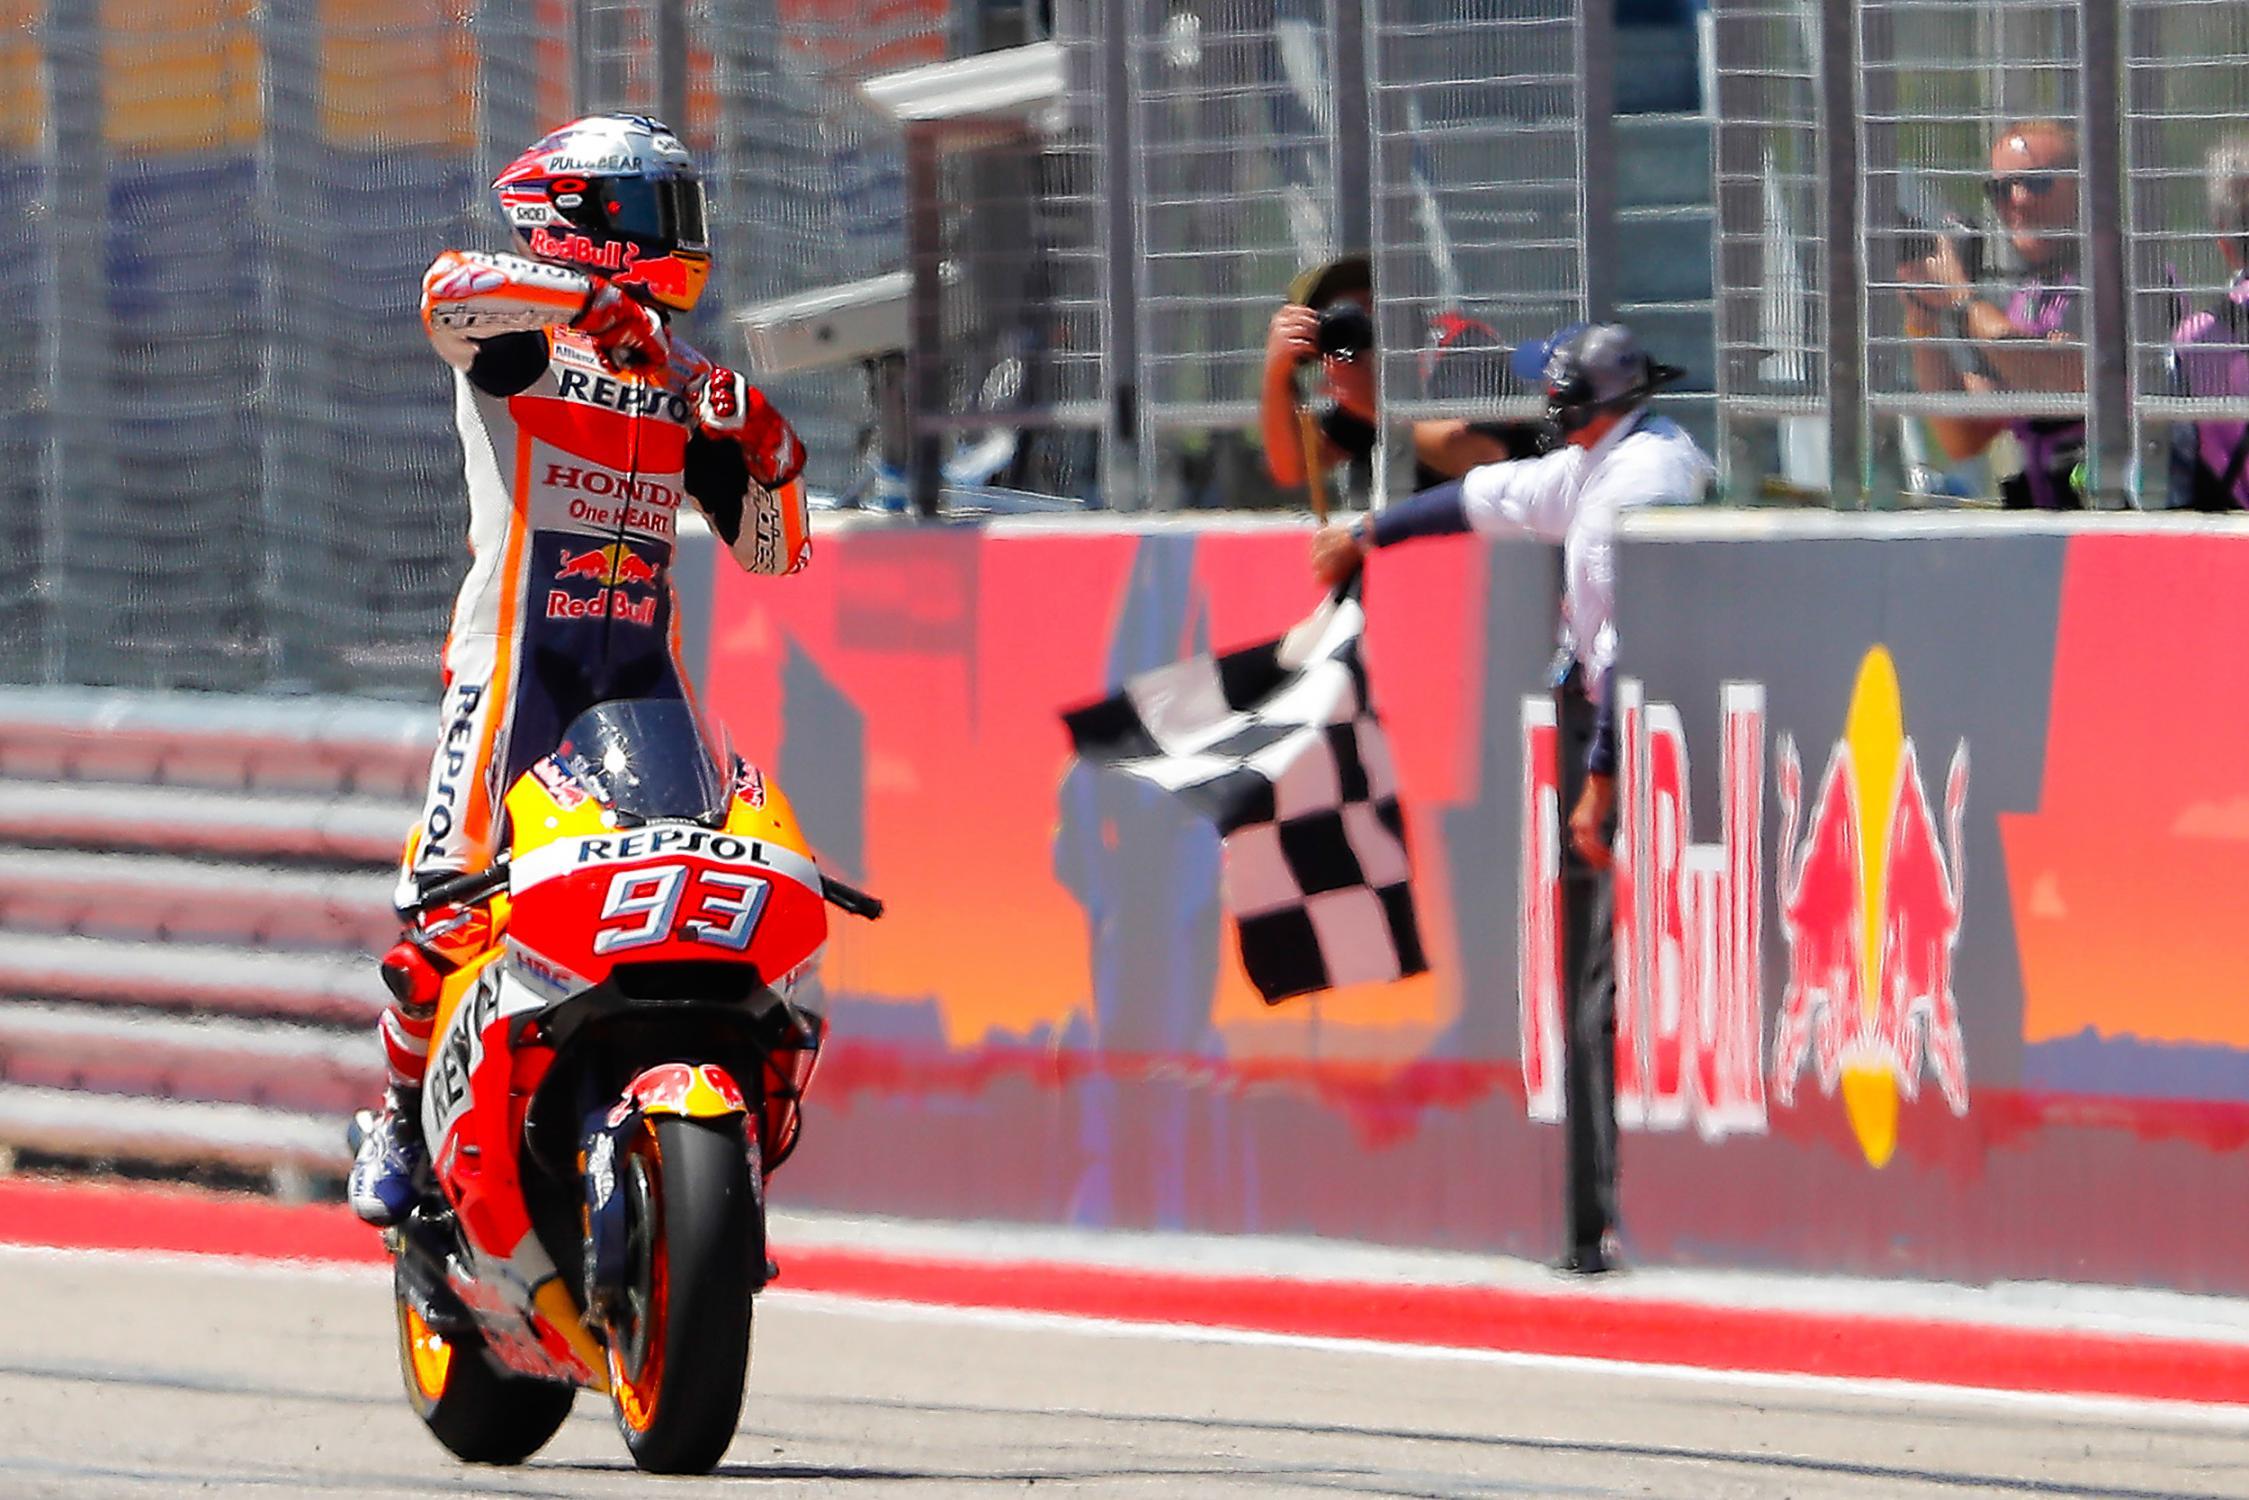 MotoGP Brno 2018 Menjadi Penampilan Marquez Yang Ke-100! Akankah Ia Kembali Berjaya?